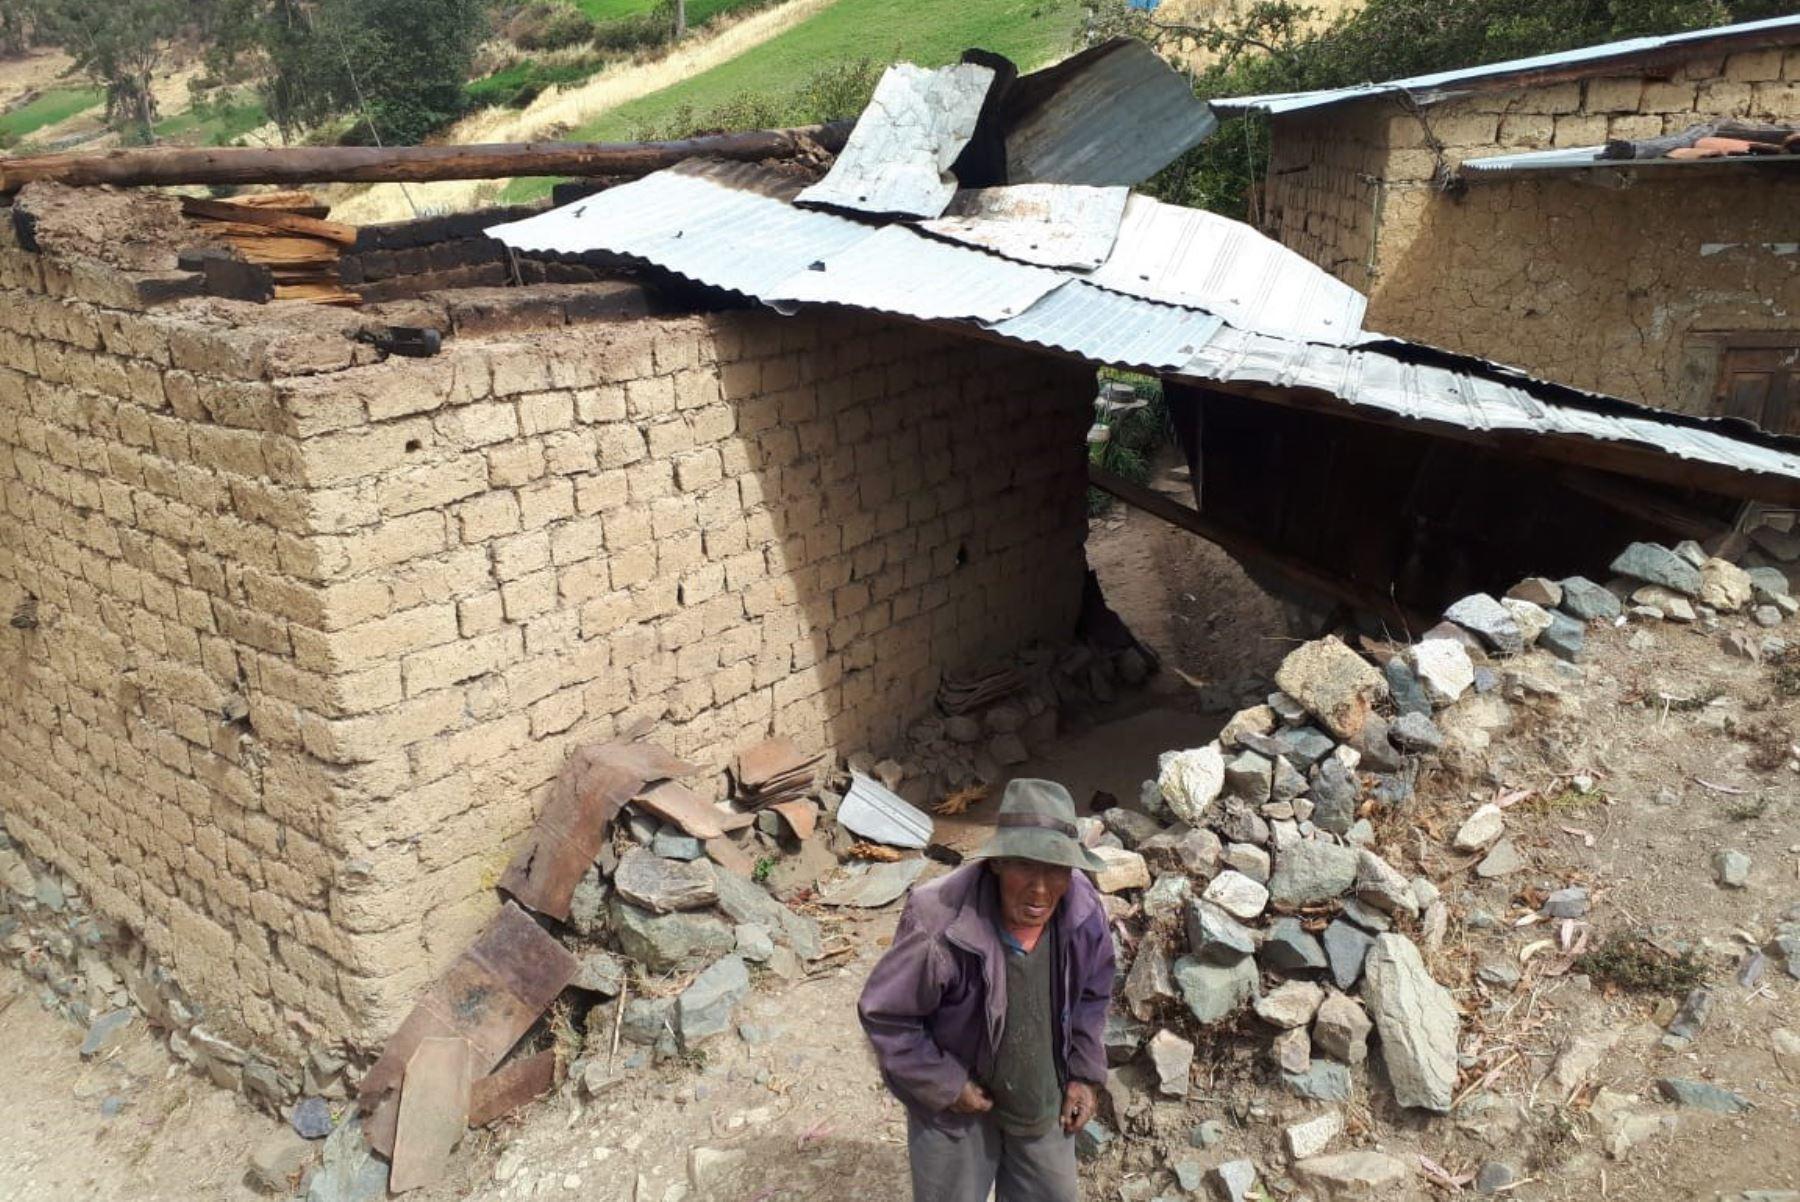 Vientos fuertes causan daños en techos de seis viviendas en provincia de Aija, región Áncash. ANDINA/Difusión